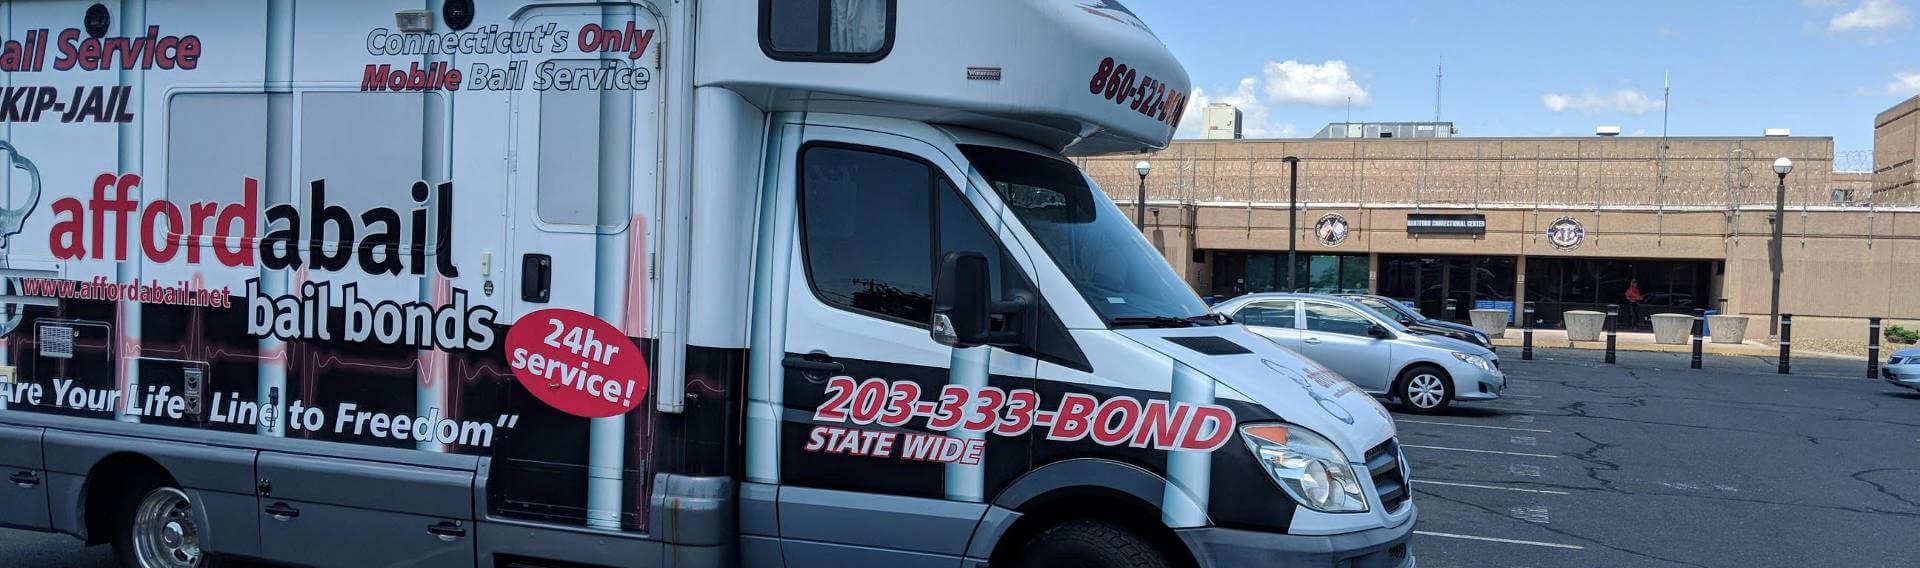 Mobile bail bonds service in Hartford, CT